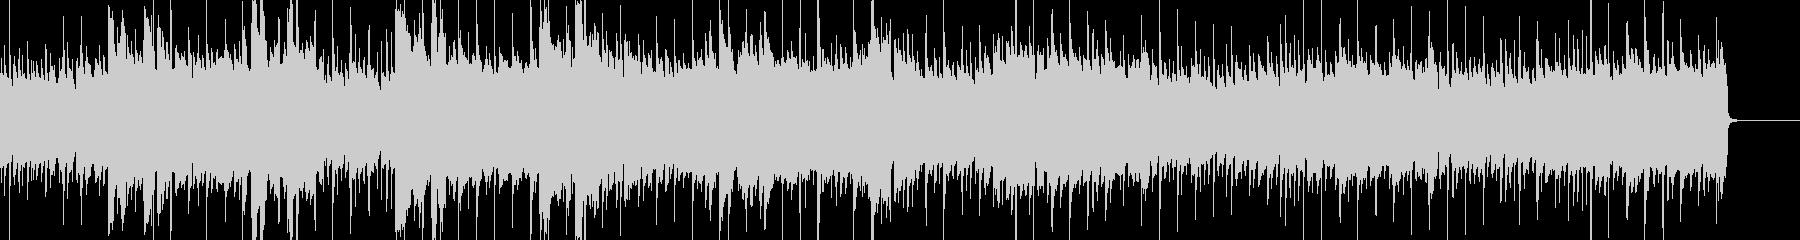 晴れ・前向き アコギ・ピアノ・ベースの未再生の波形